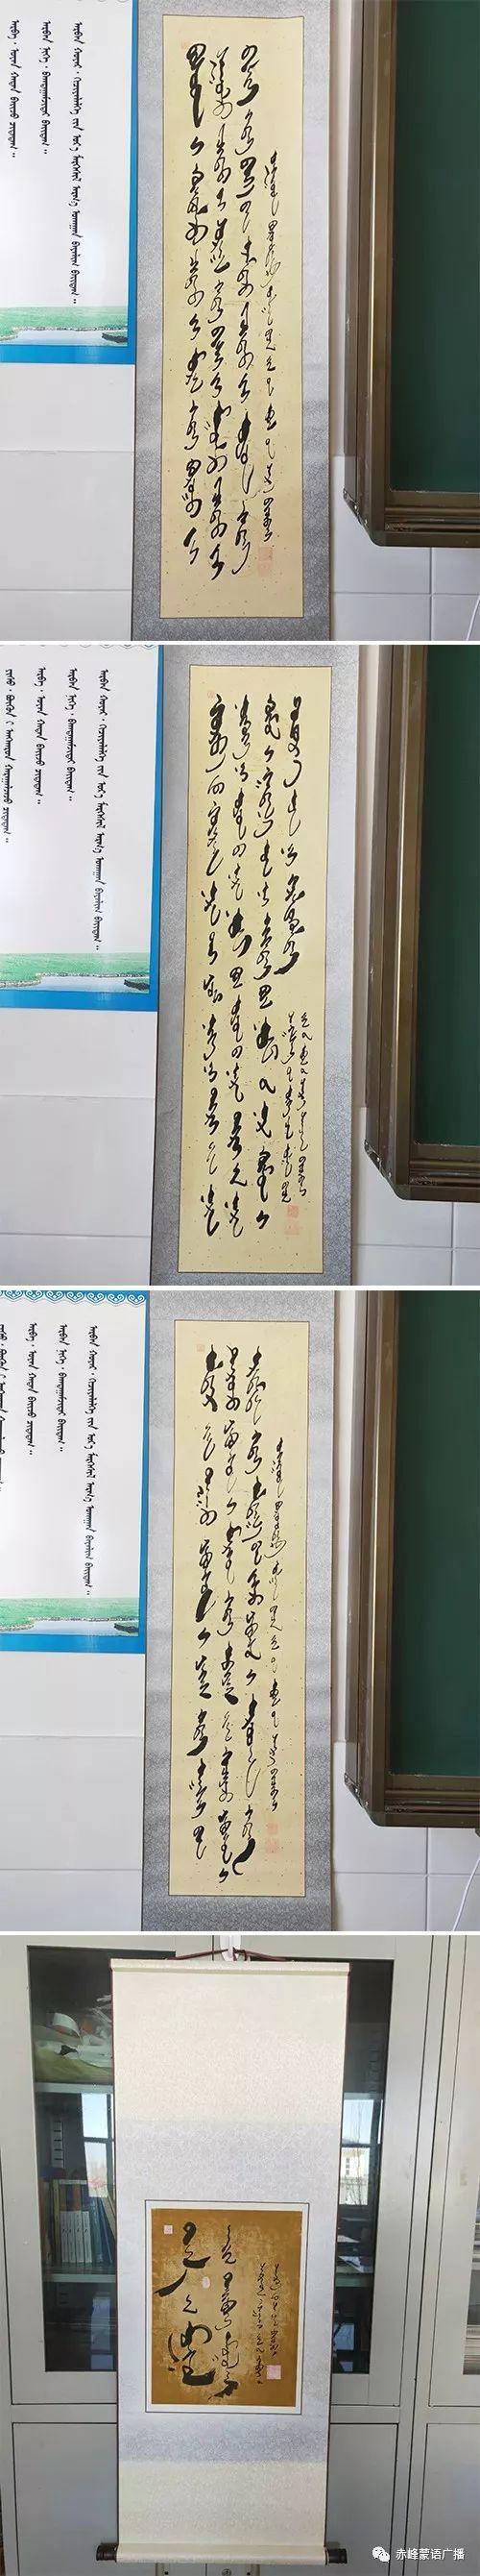 【音频】《赤峰蒙古族书法家》系列采访 (23) 第4张